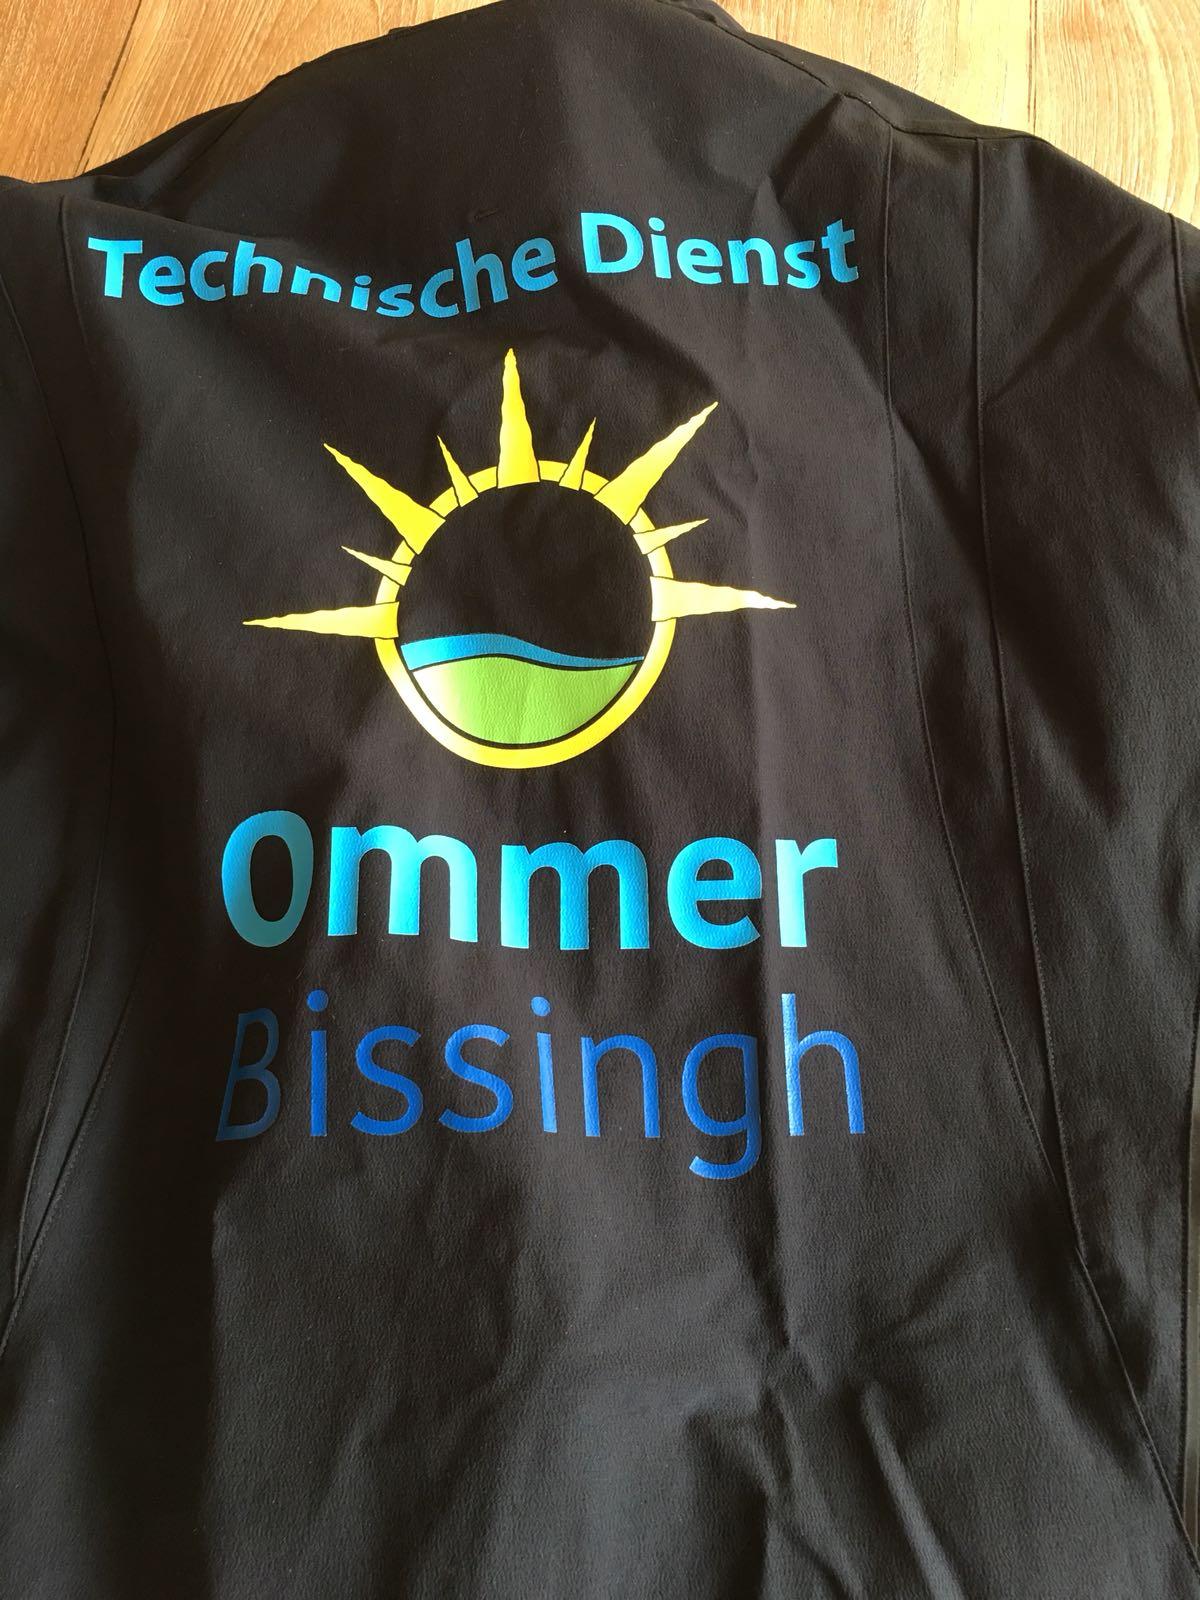 Ommer Bissingh op zoek naar…